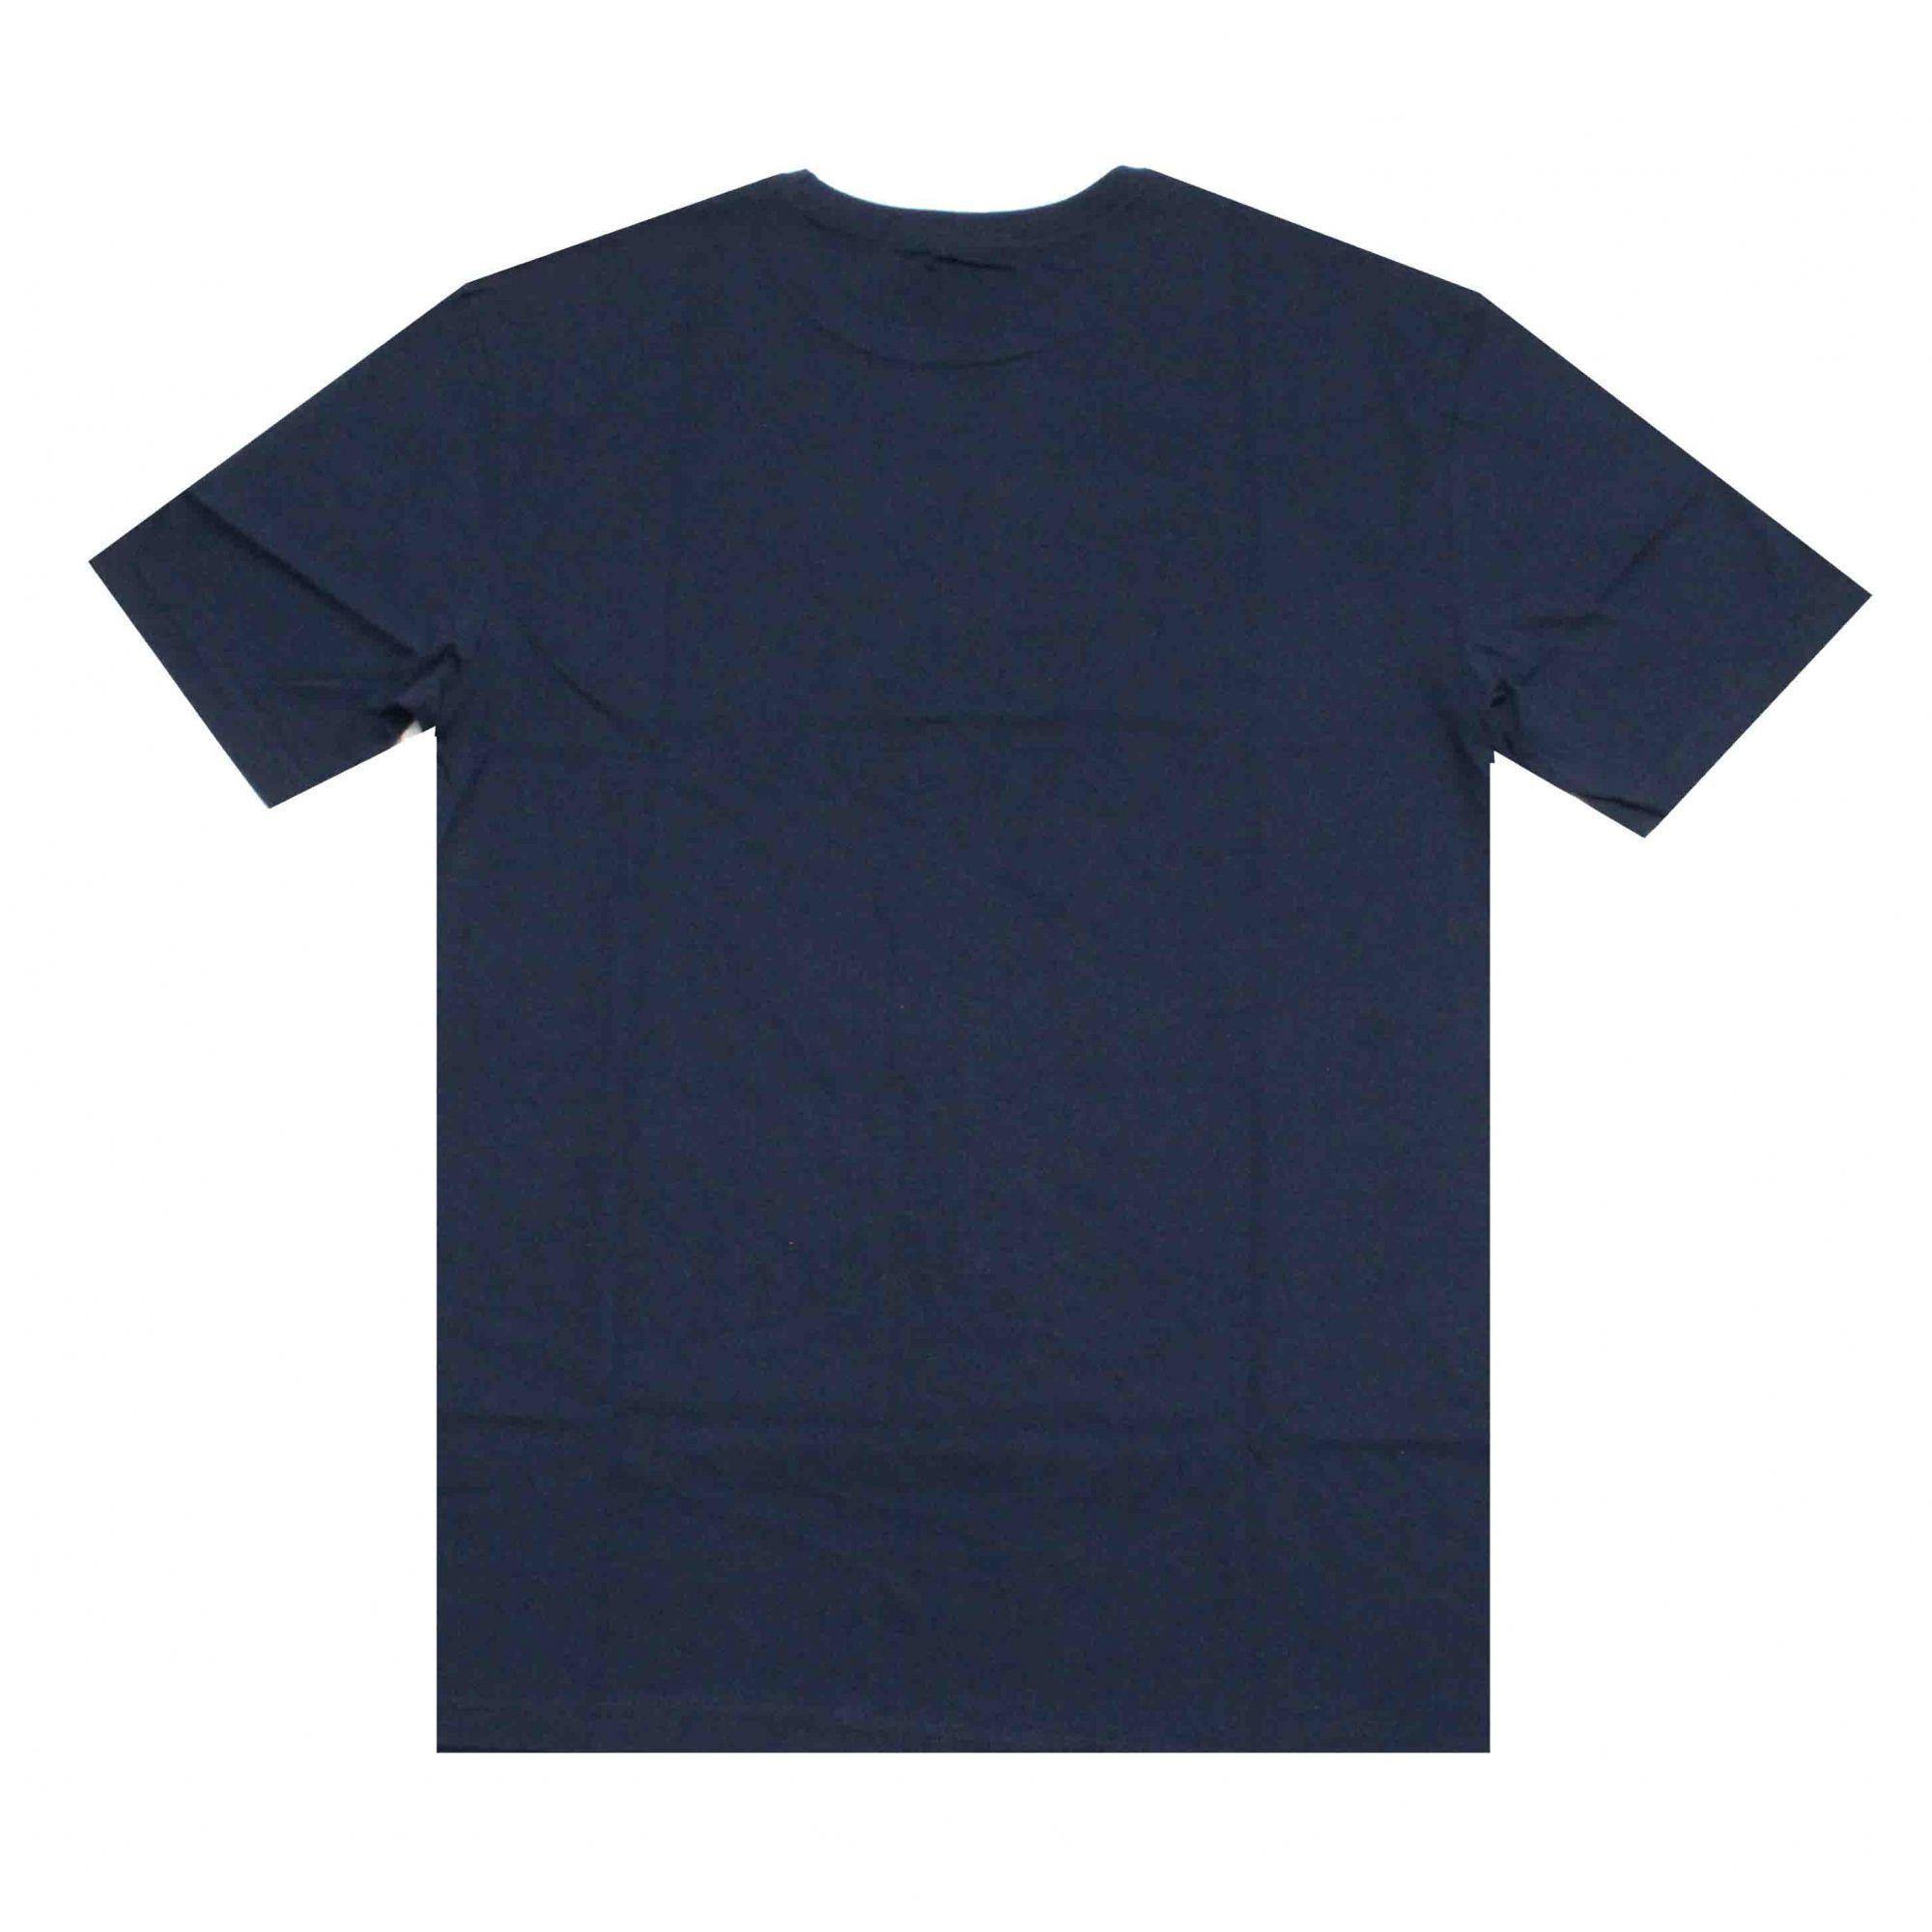 Camiseta DGK Hustle Blue Navy